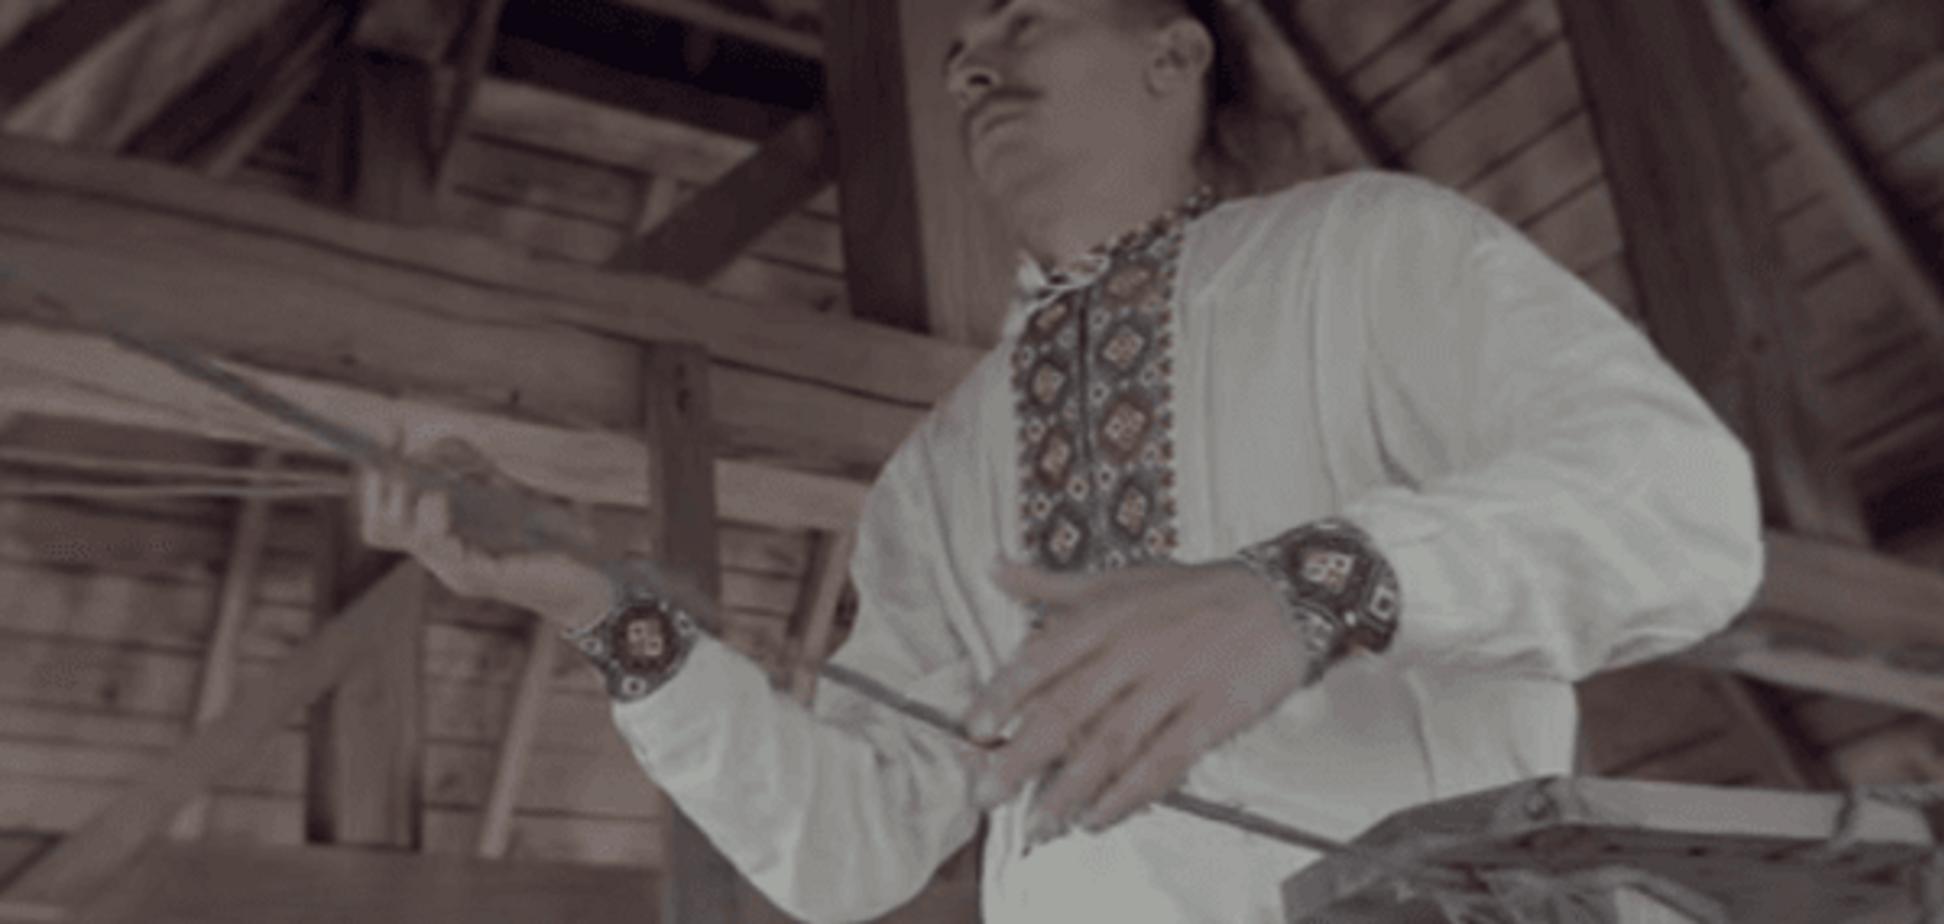 Сон козака: доброволець Дзвонар на дзвонах виконав музику воїнів. Відеофакт